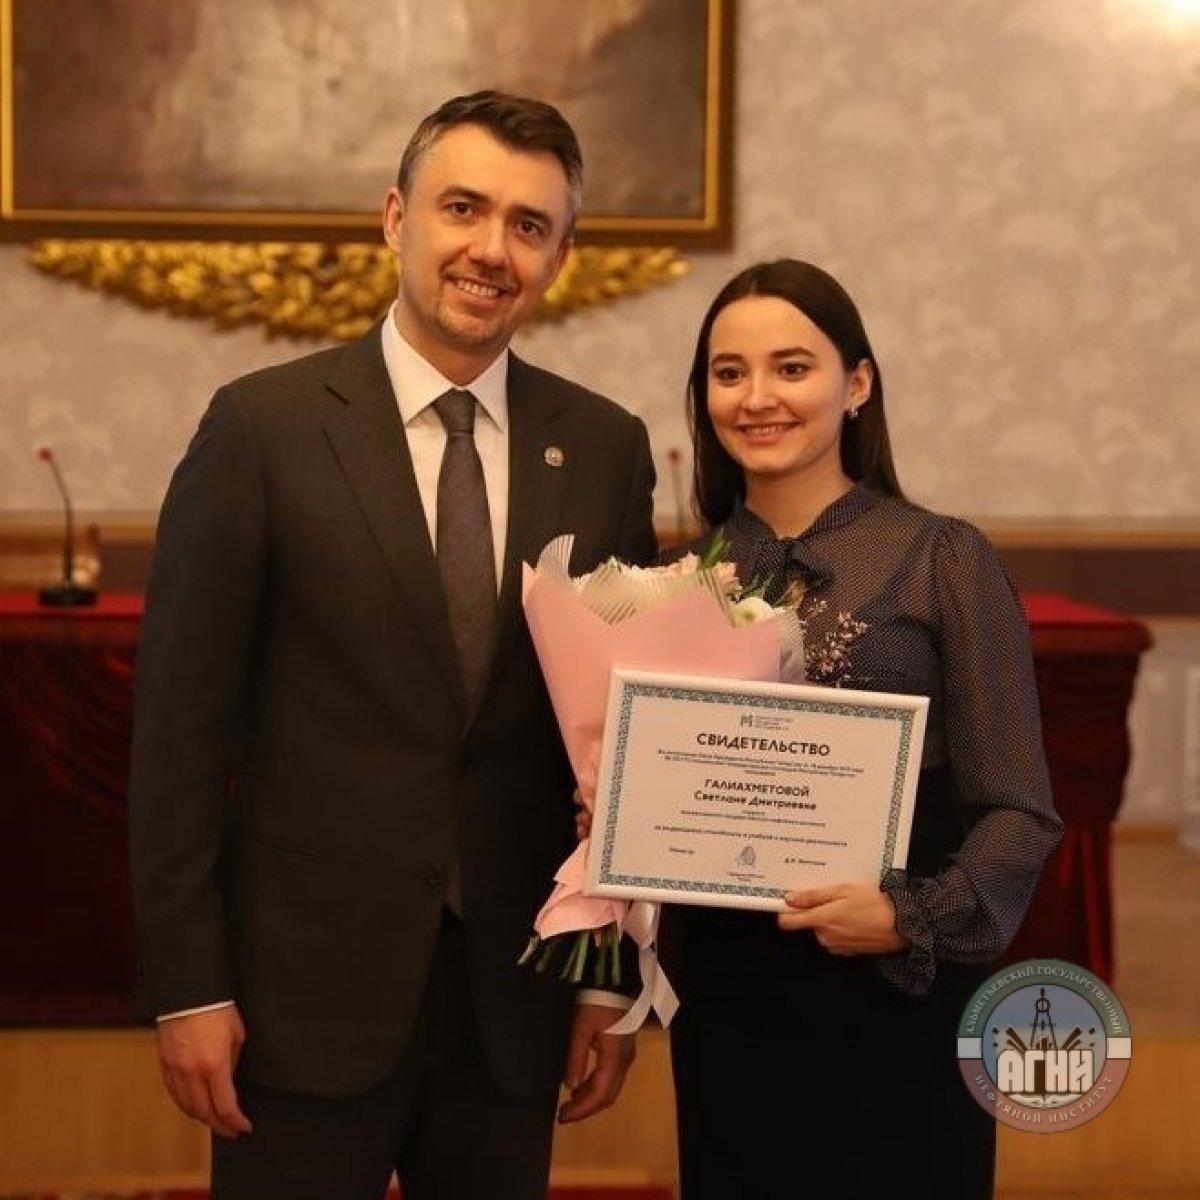 ➡В начале февраля в Казанском (Приволжском) федеральном университете состоялась